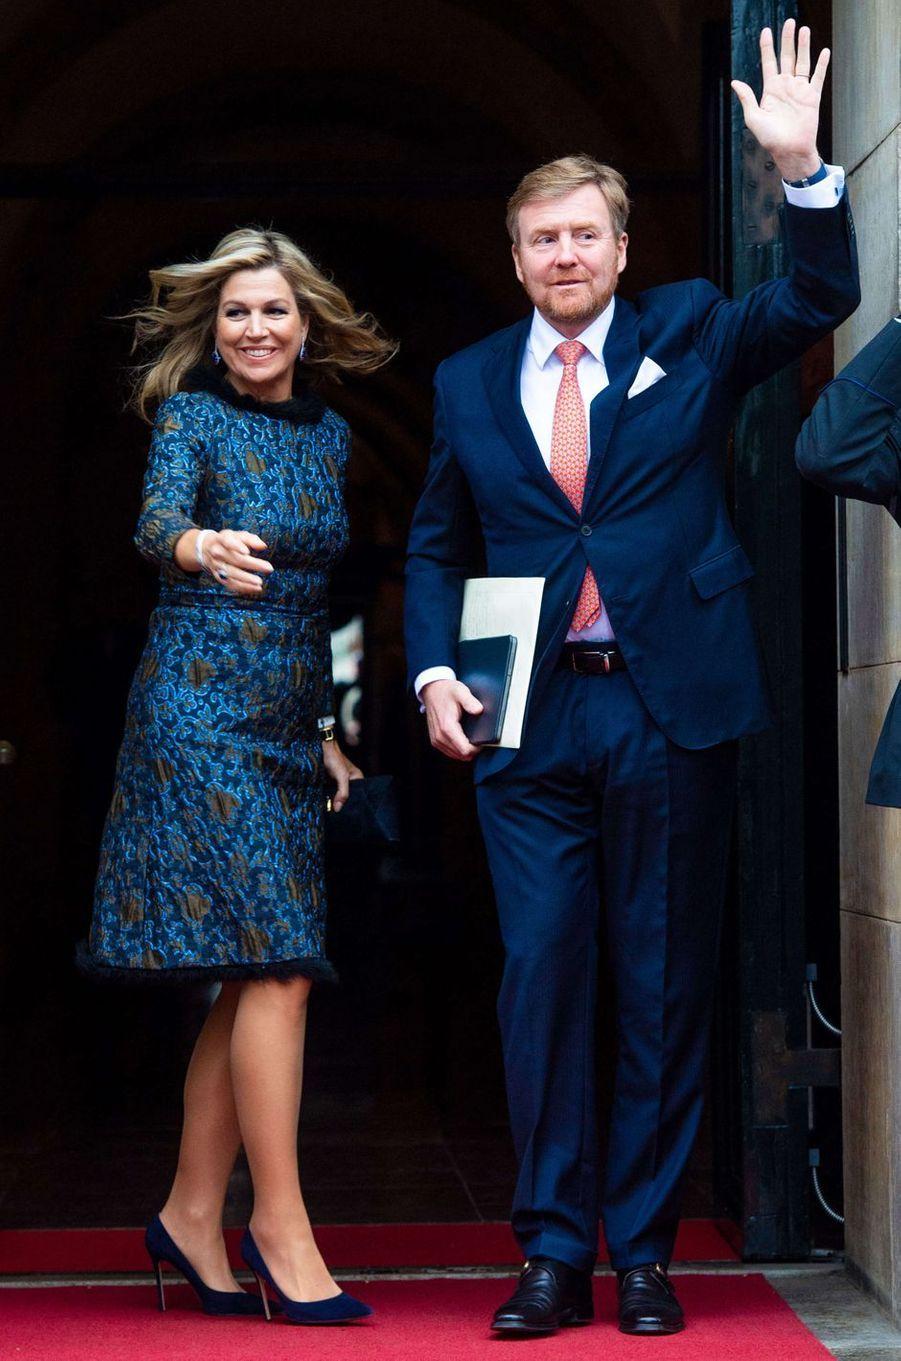 La reine Maxima des Pays-Bas dans une robe agrémentée de plumes le 14 janvier 2020